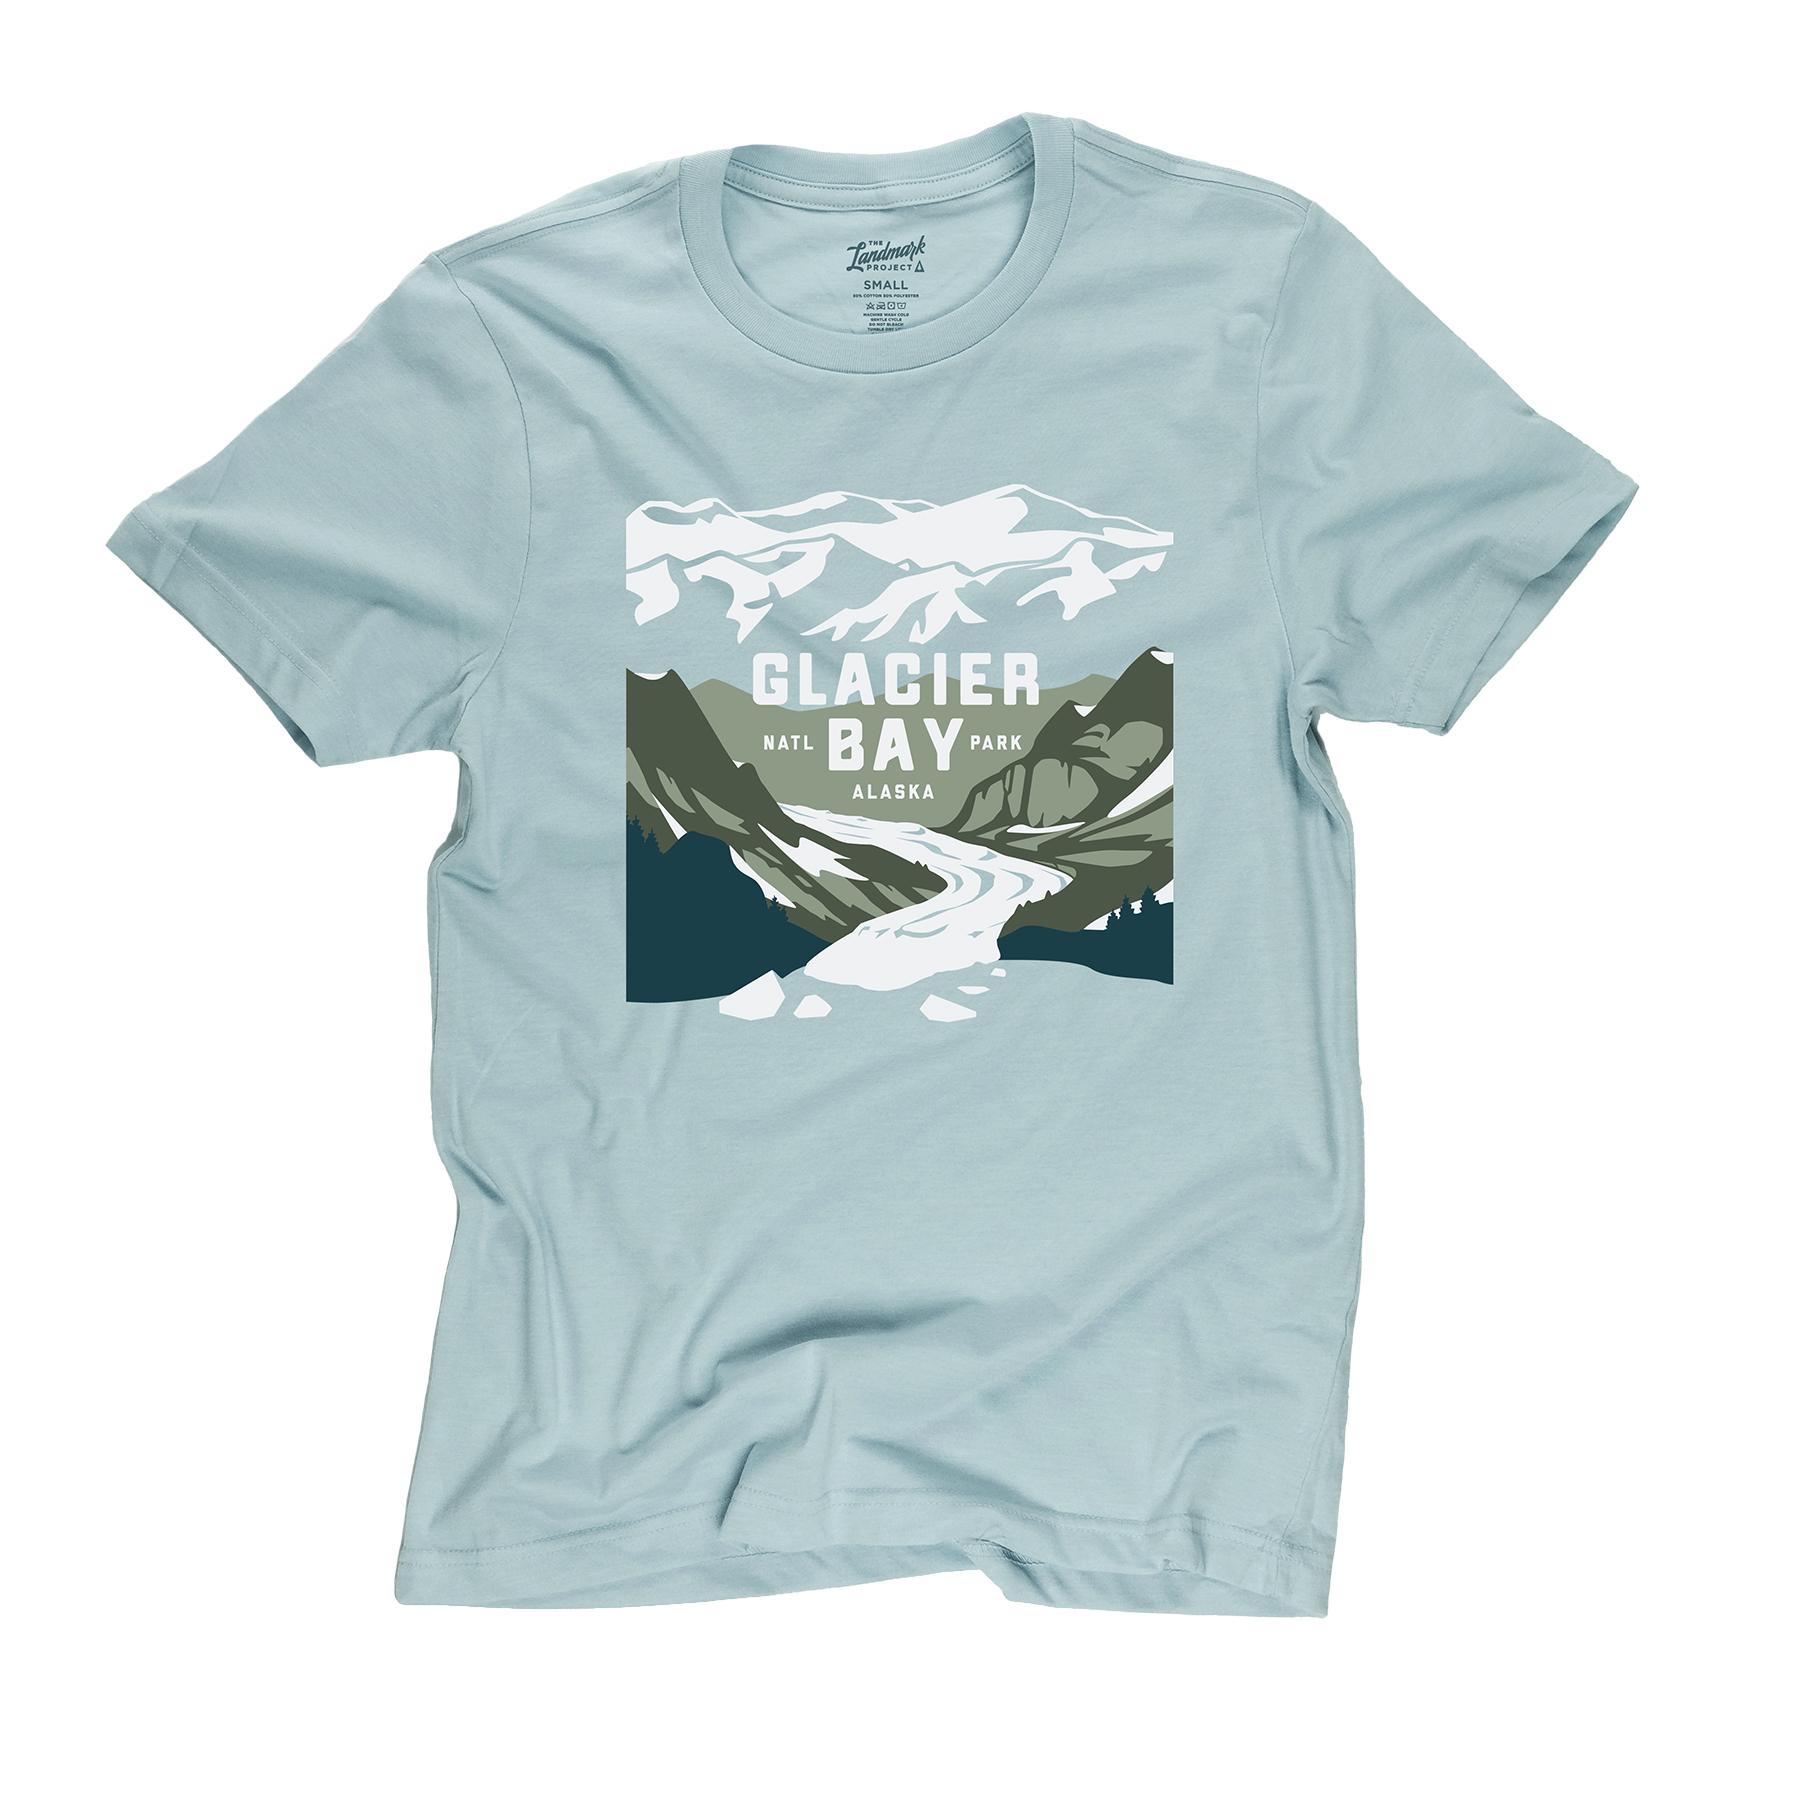 Glacier-Bay-tee.jpg